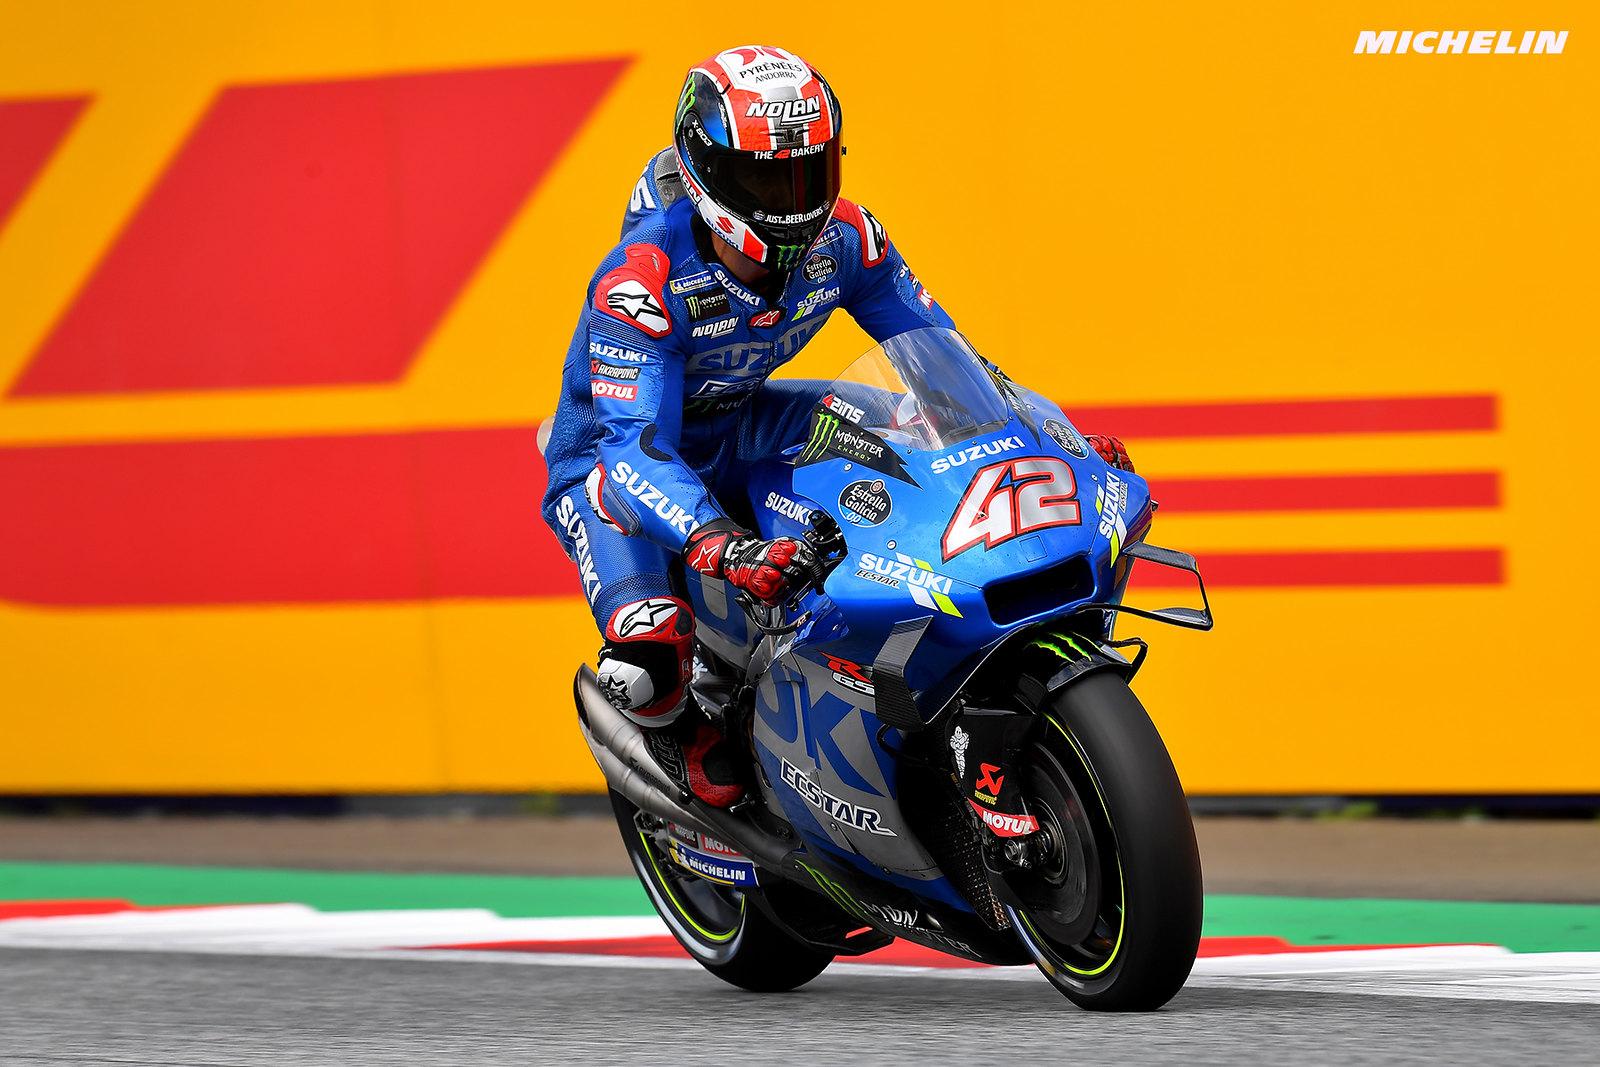 オーストリアGP予選13位 アレックス・リンス「Q2進出出来ていれば9番手タイムだった」